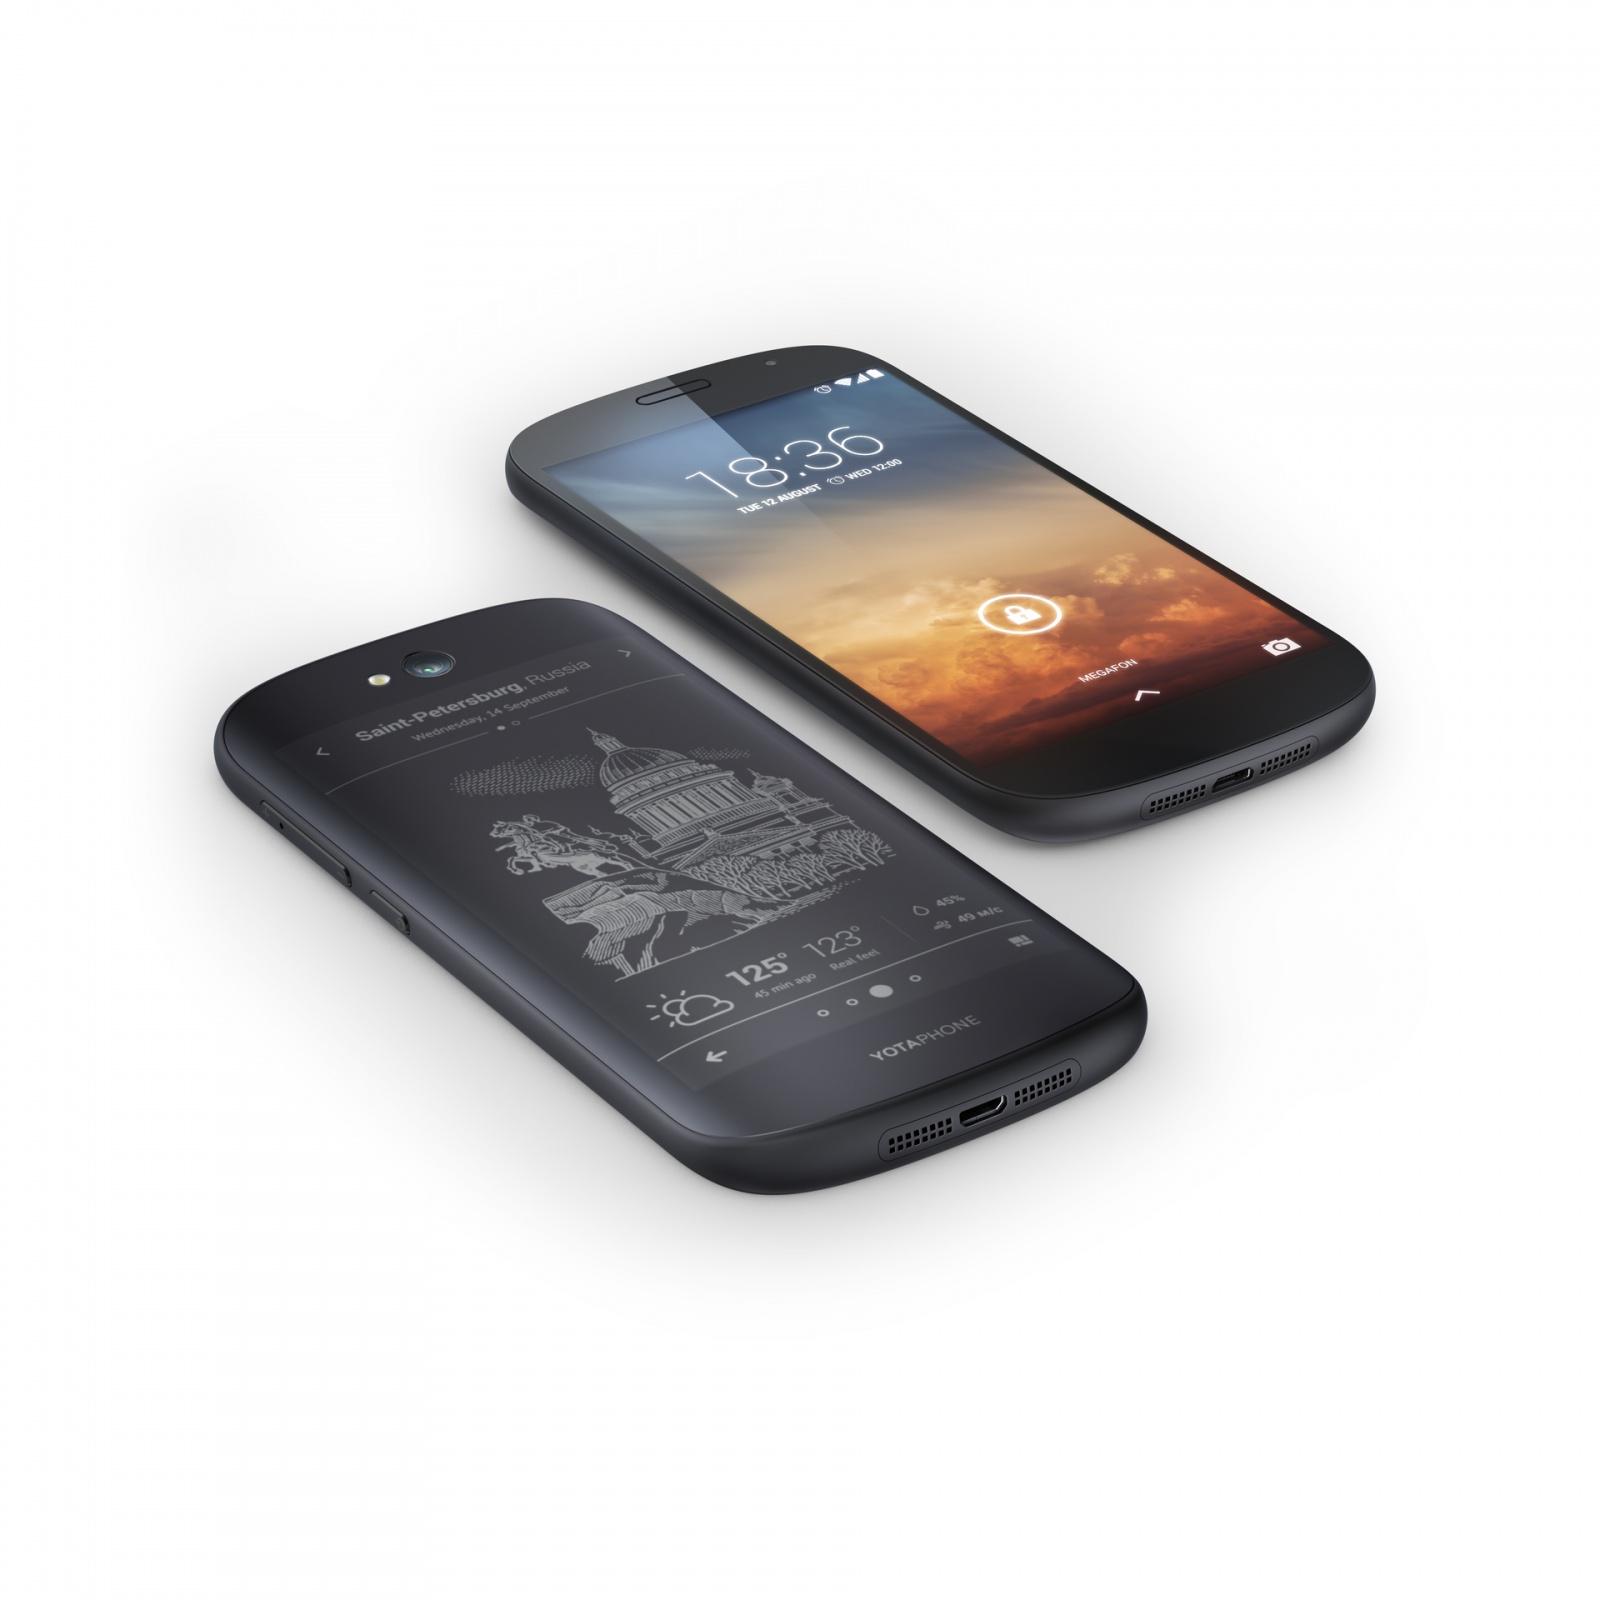 Презентация YotaPhone 2: похоже, у них получилось - 4